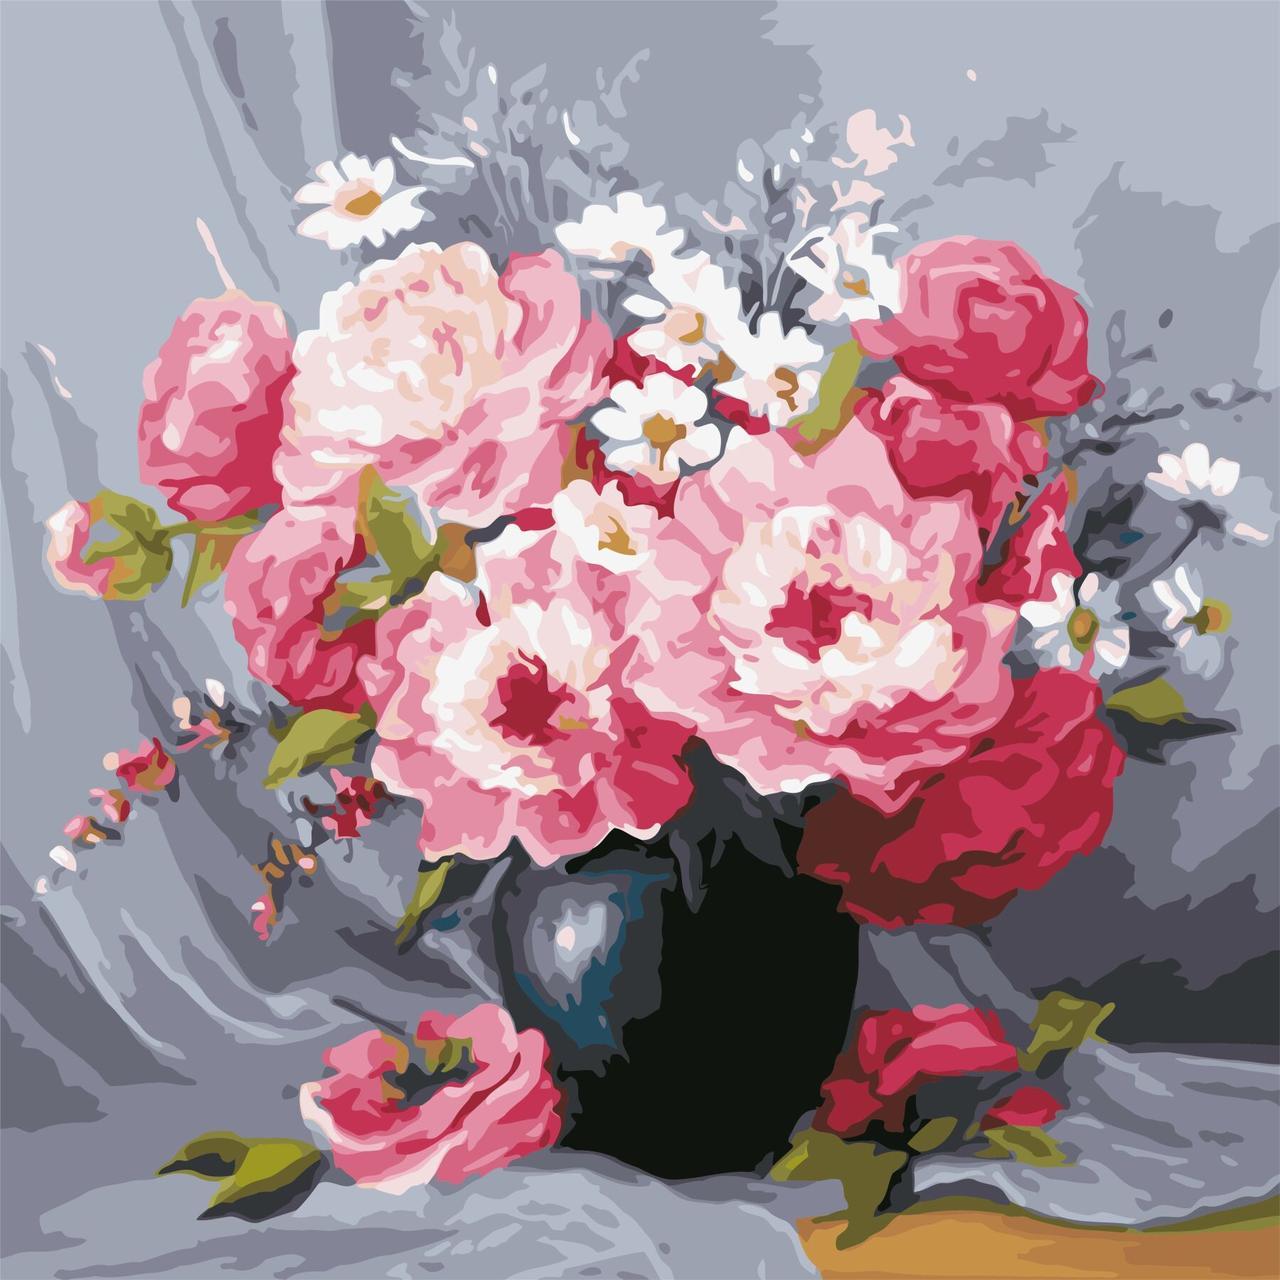 AS0603 Картина-набор по номерам Чайные розы в вазе, Без коробки